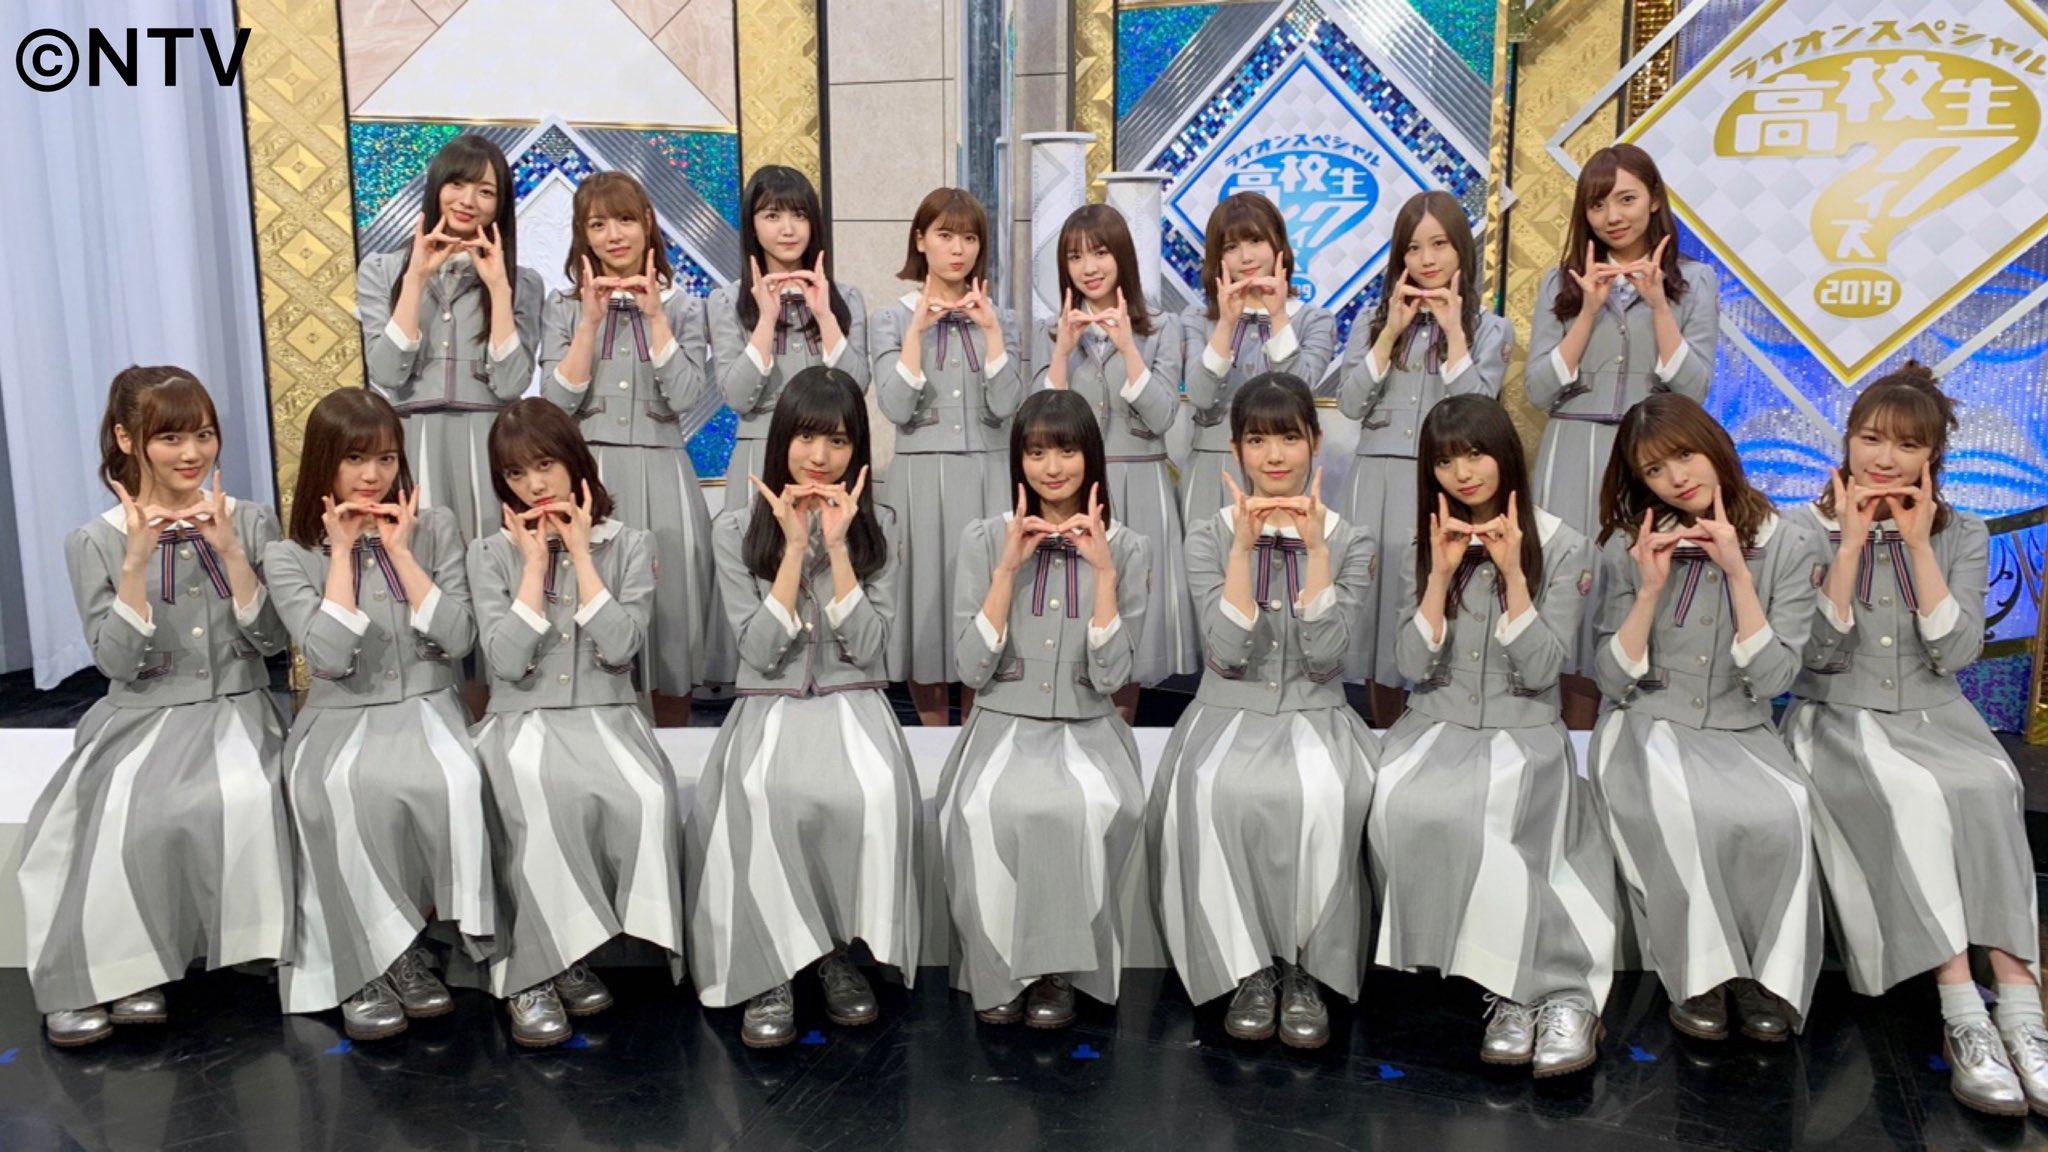 高校生クイズ 乃木坂46「僕の思い込み」初披露